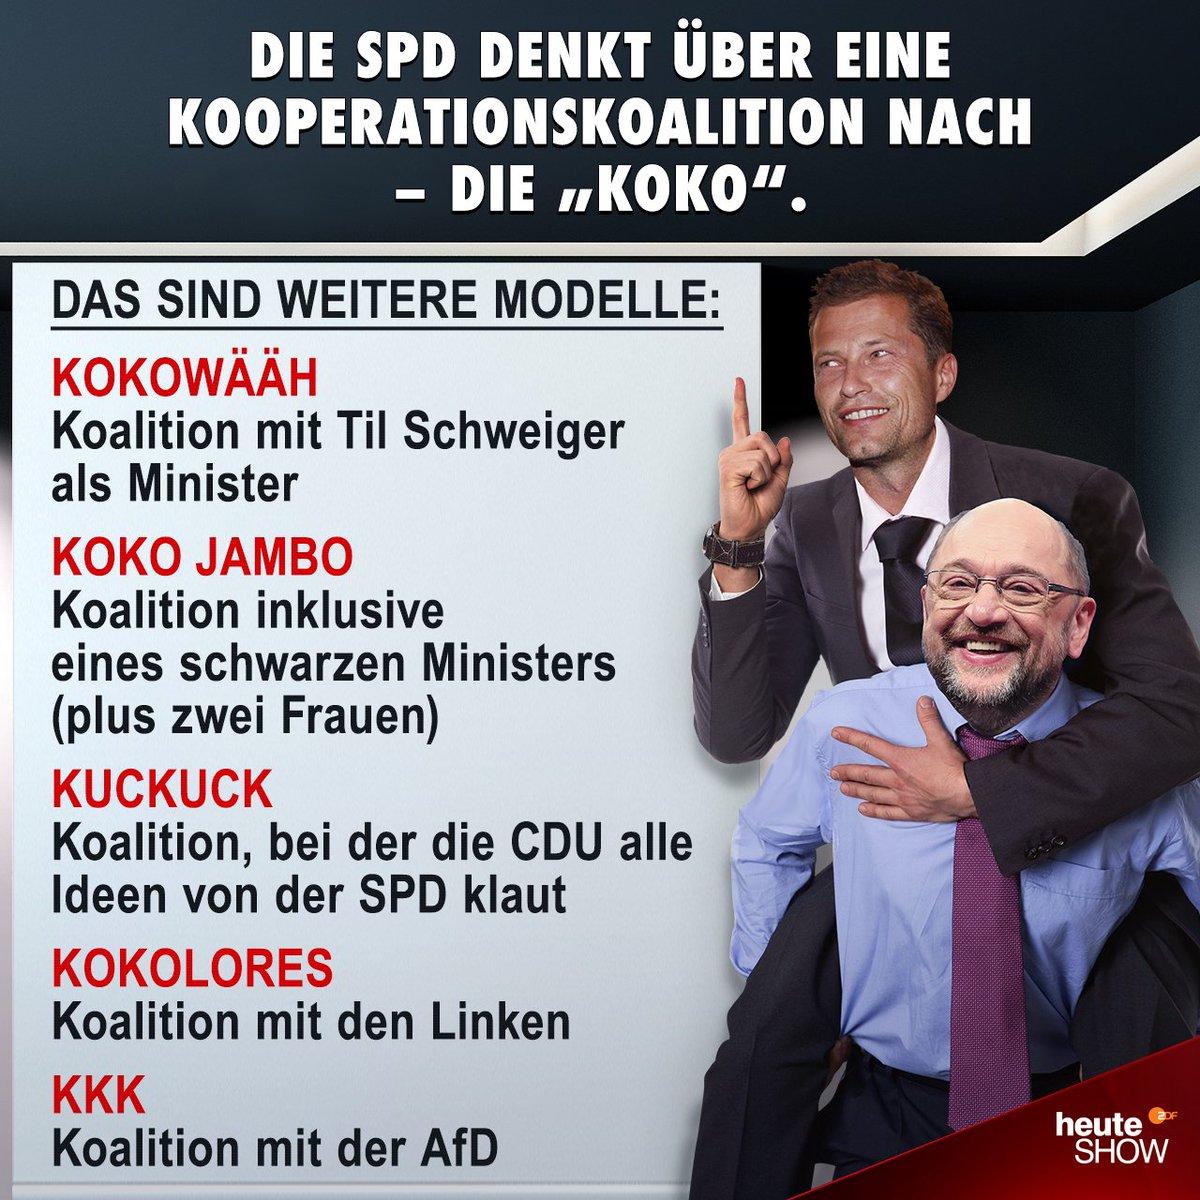 #KoKo